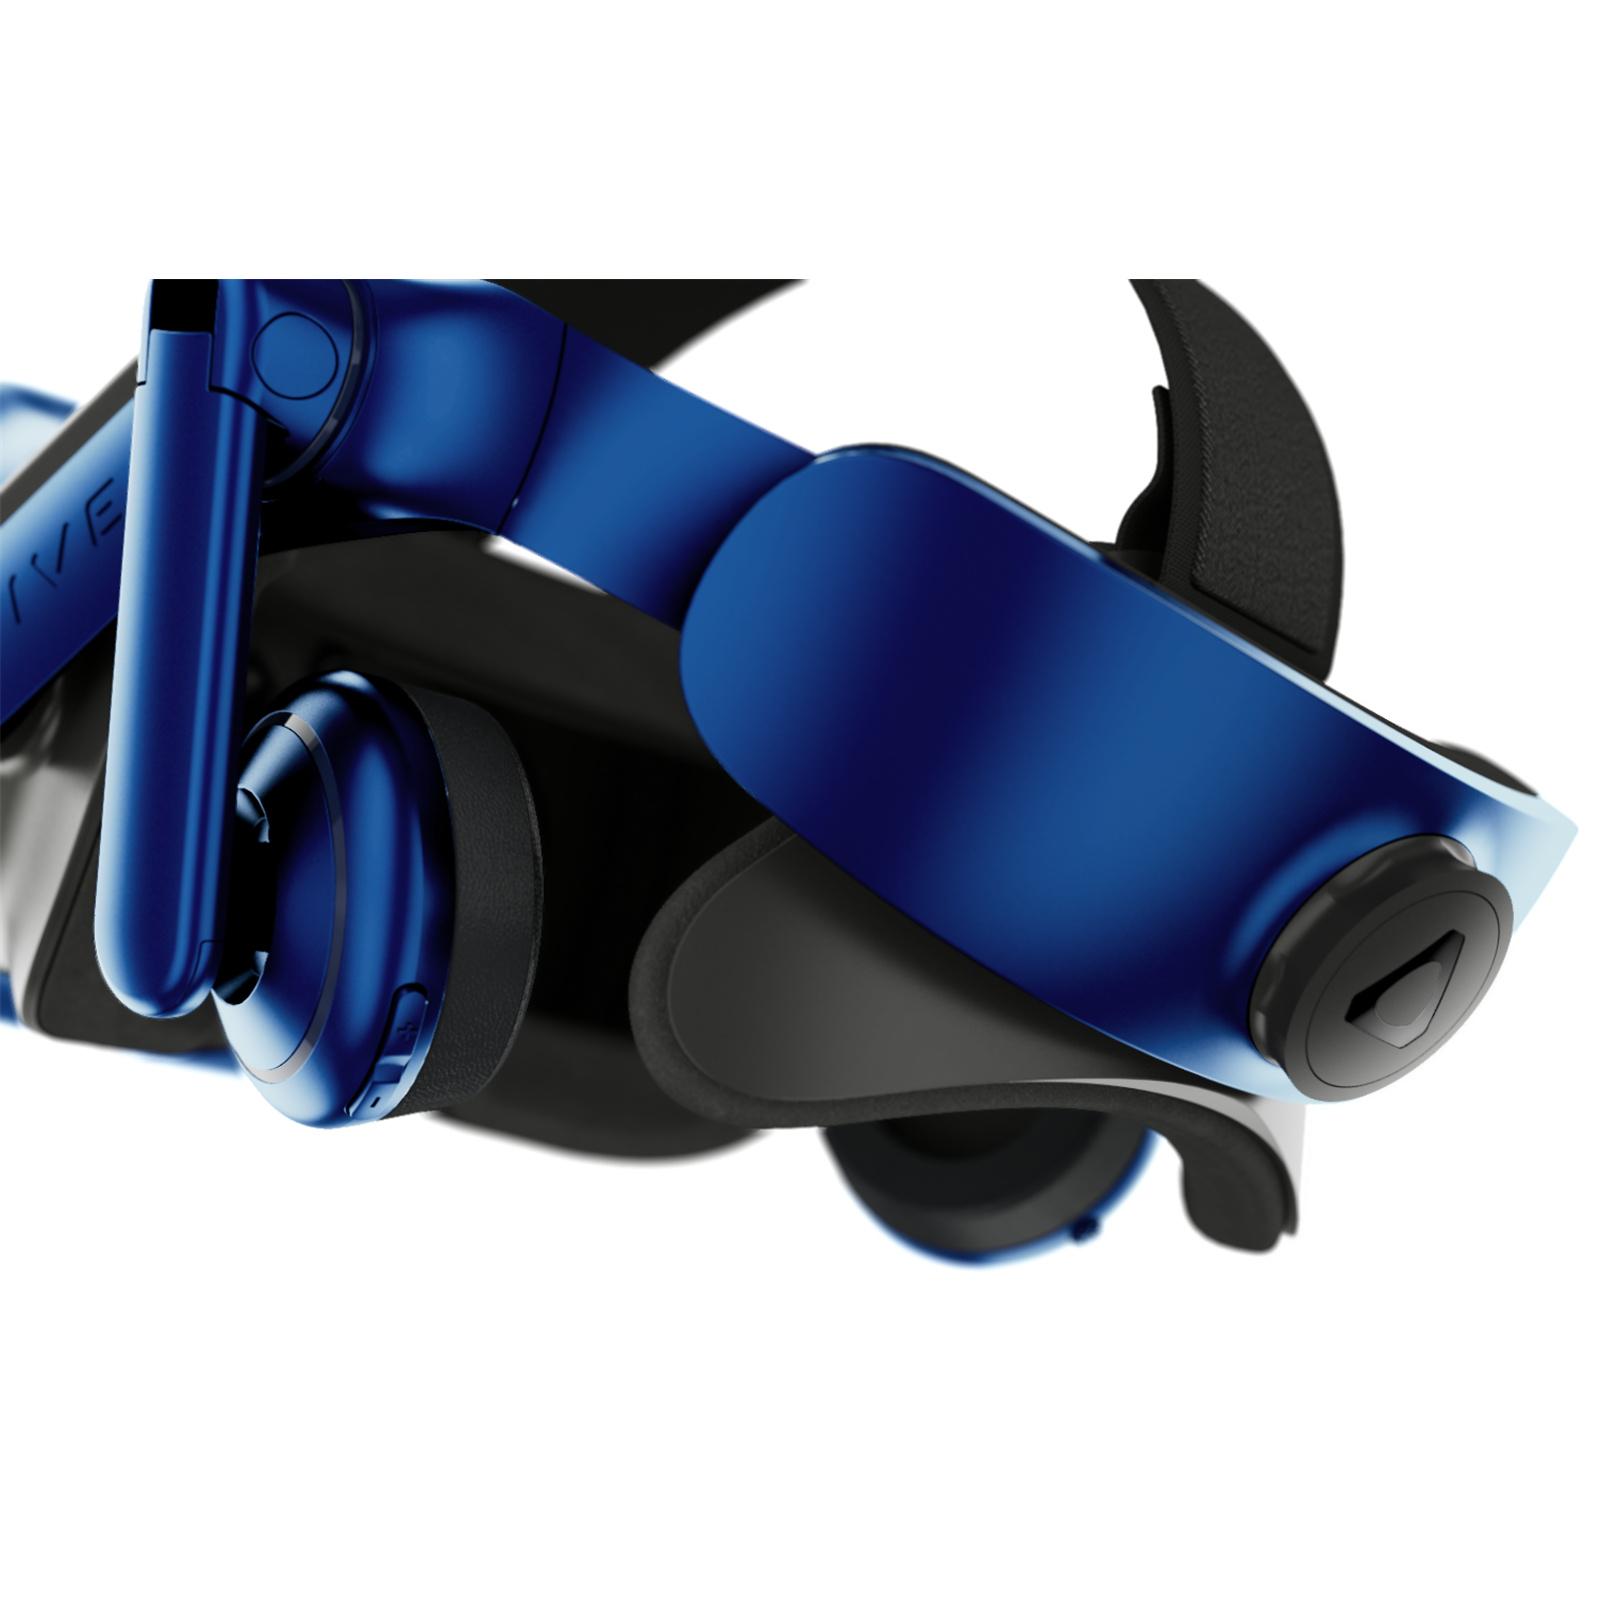 Buy the HTC VIVE Pro Virtual Reality Kit VIVE Pro HMD, 2 X